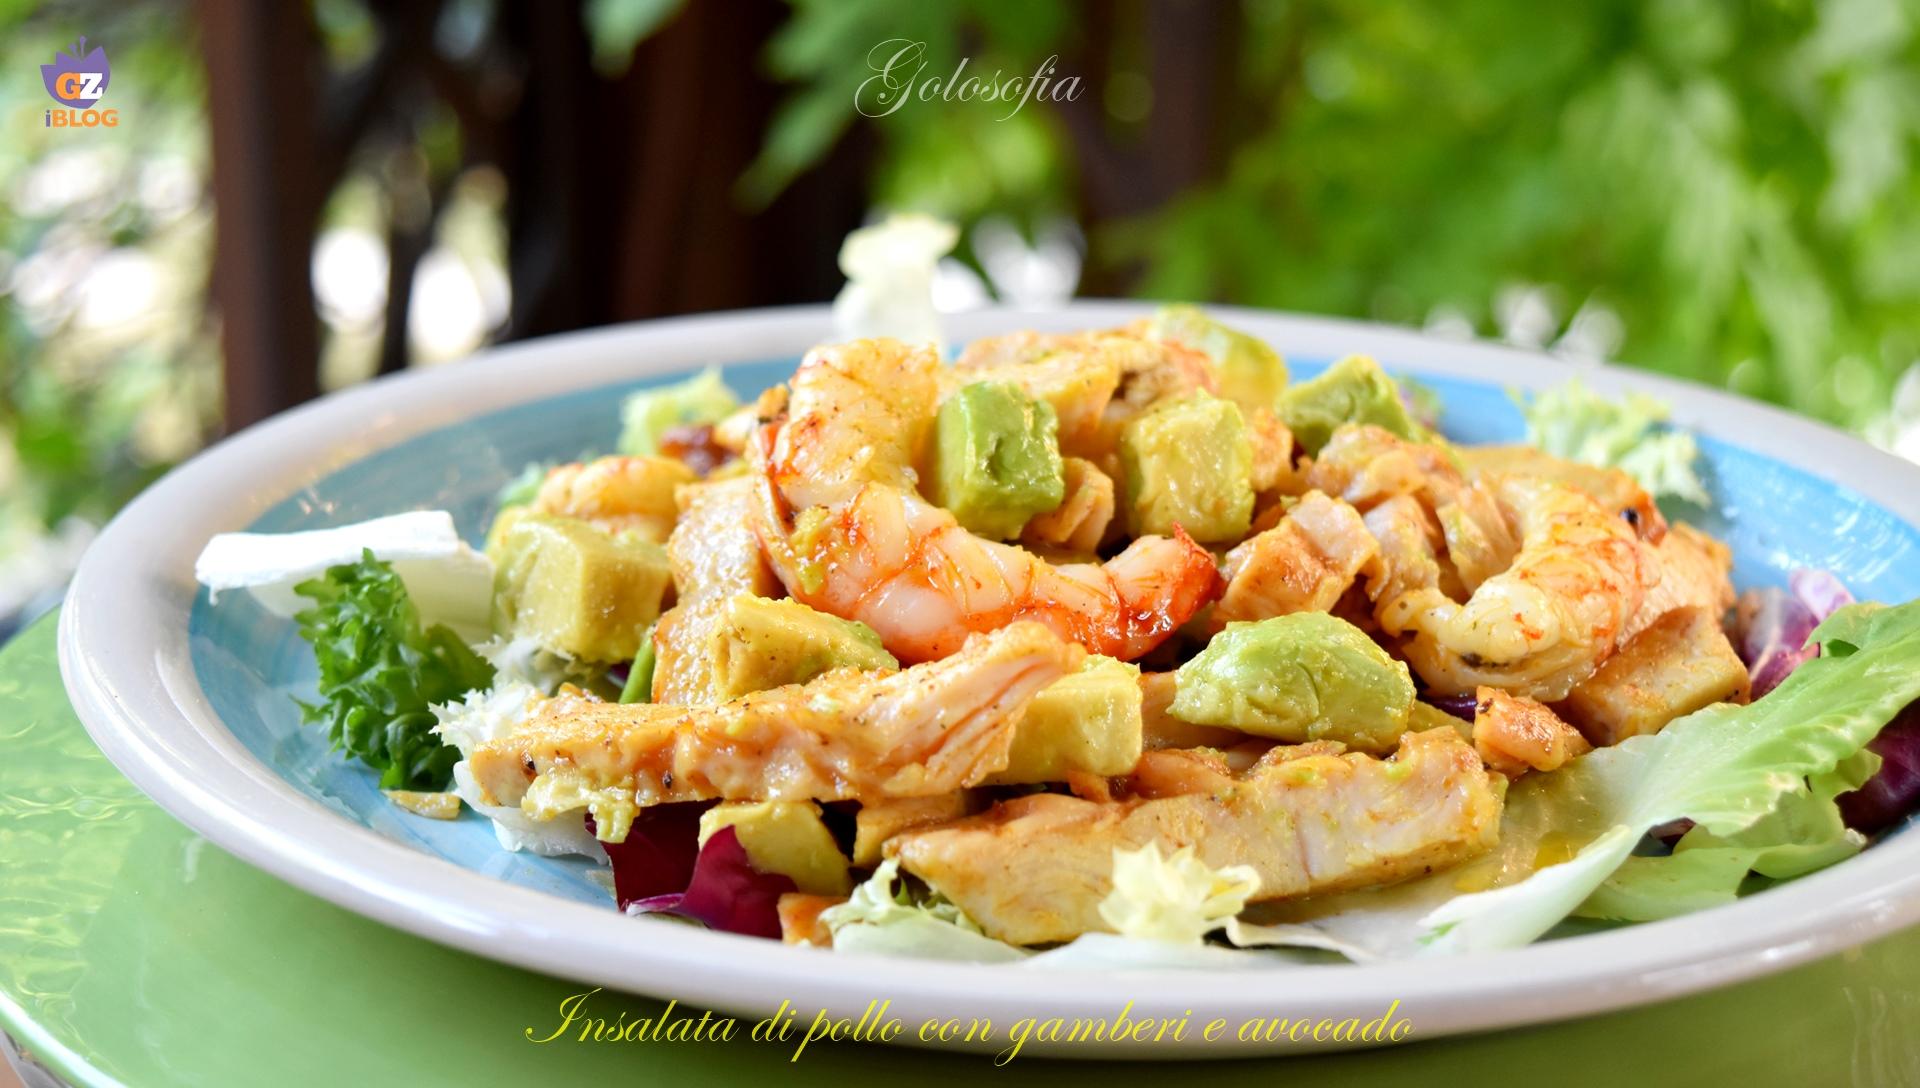 Insalata di pollo con gamberi e avocado-ricetta secondi-golosofia